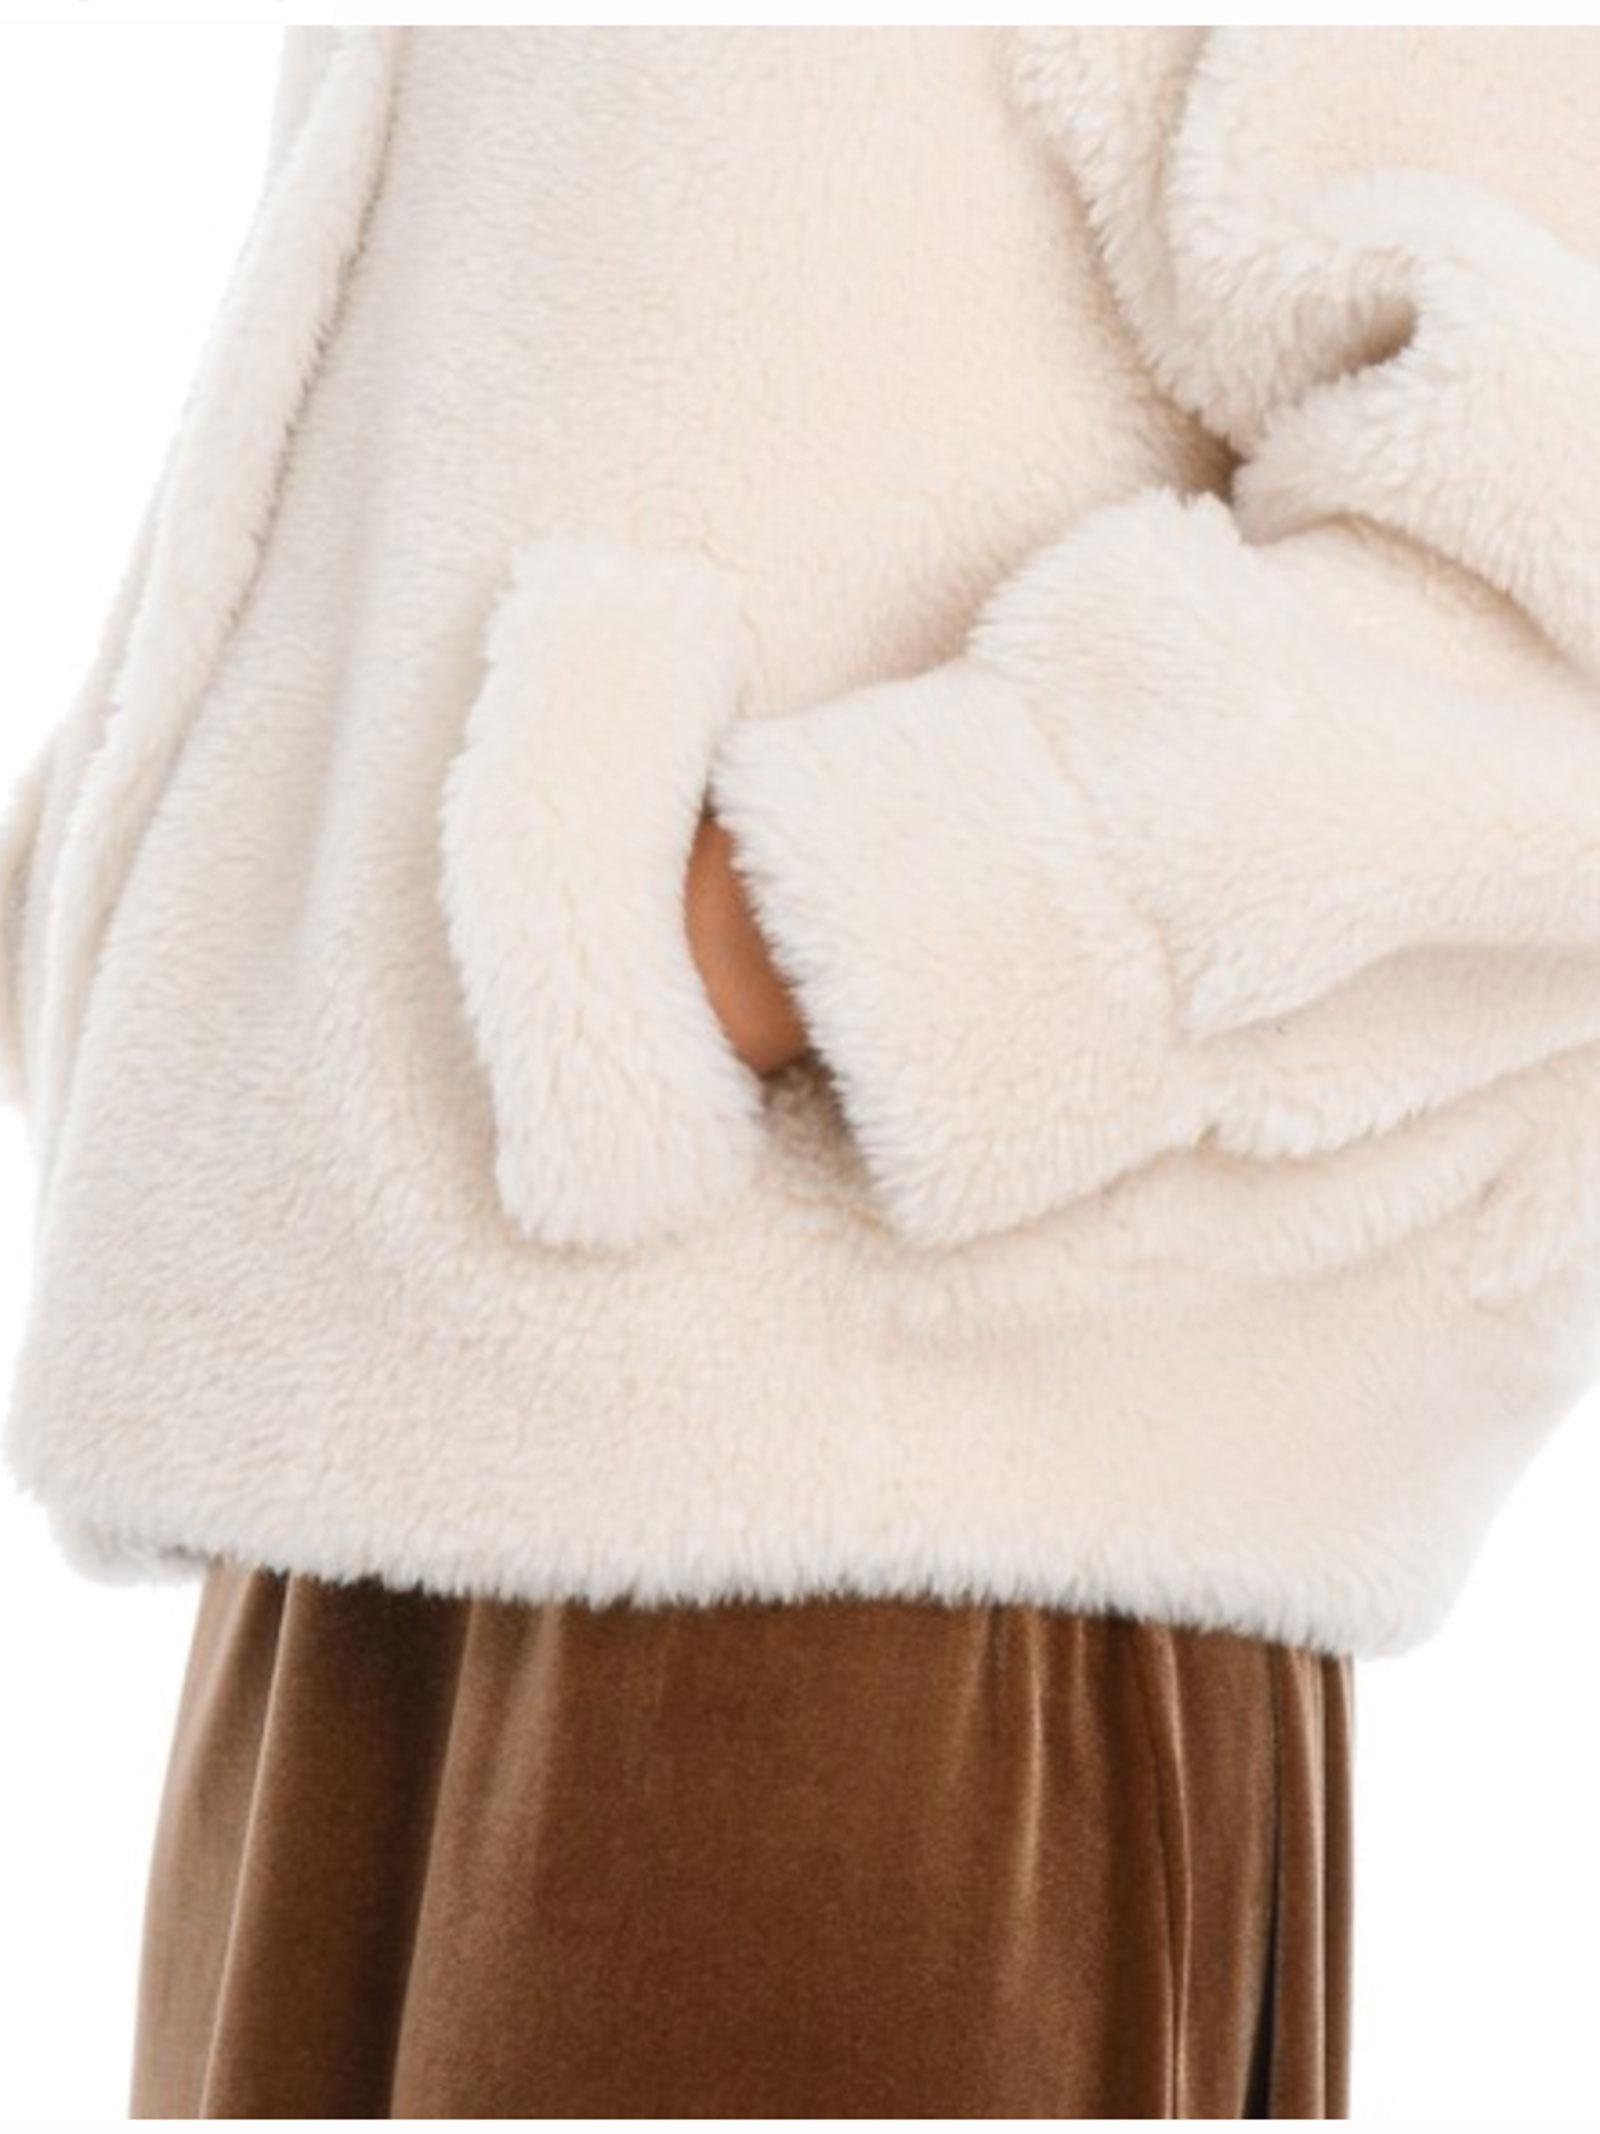 Altea Giaccone corto in shearling con tasche laterali Altea | 18 | 206750028/R